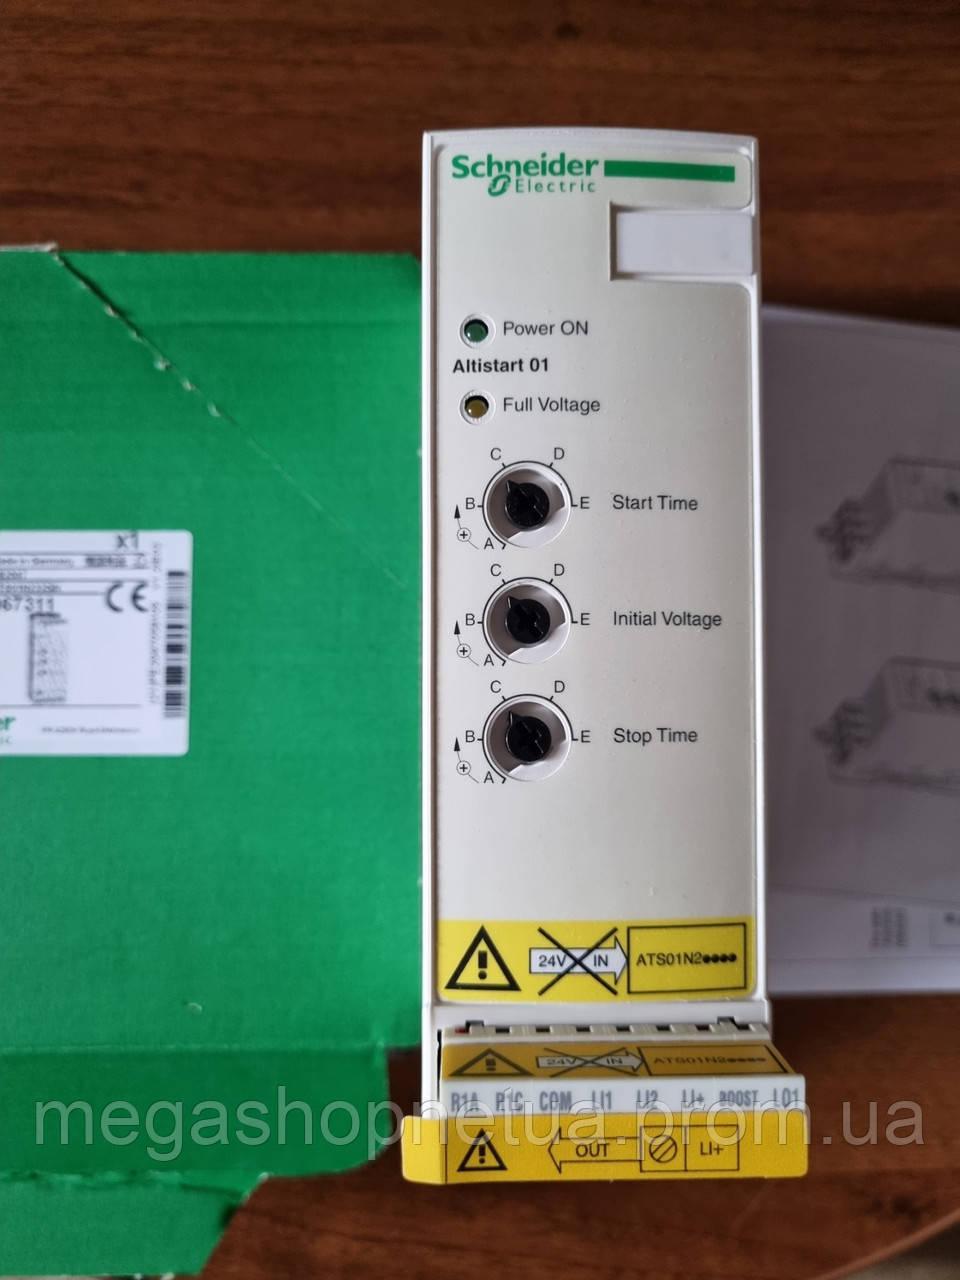 Плавный пуск 22А ATS01N222QN устройство плавного пуска 7,5-11 кВт